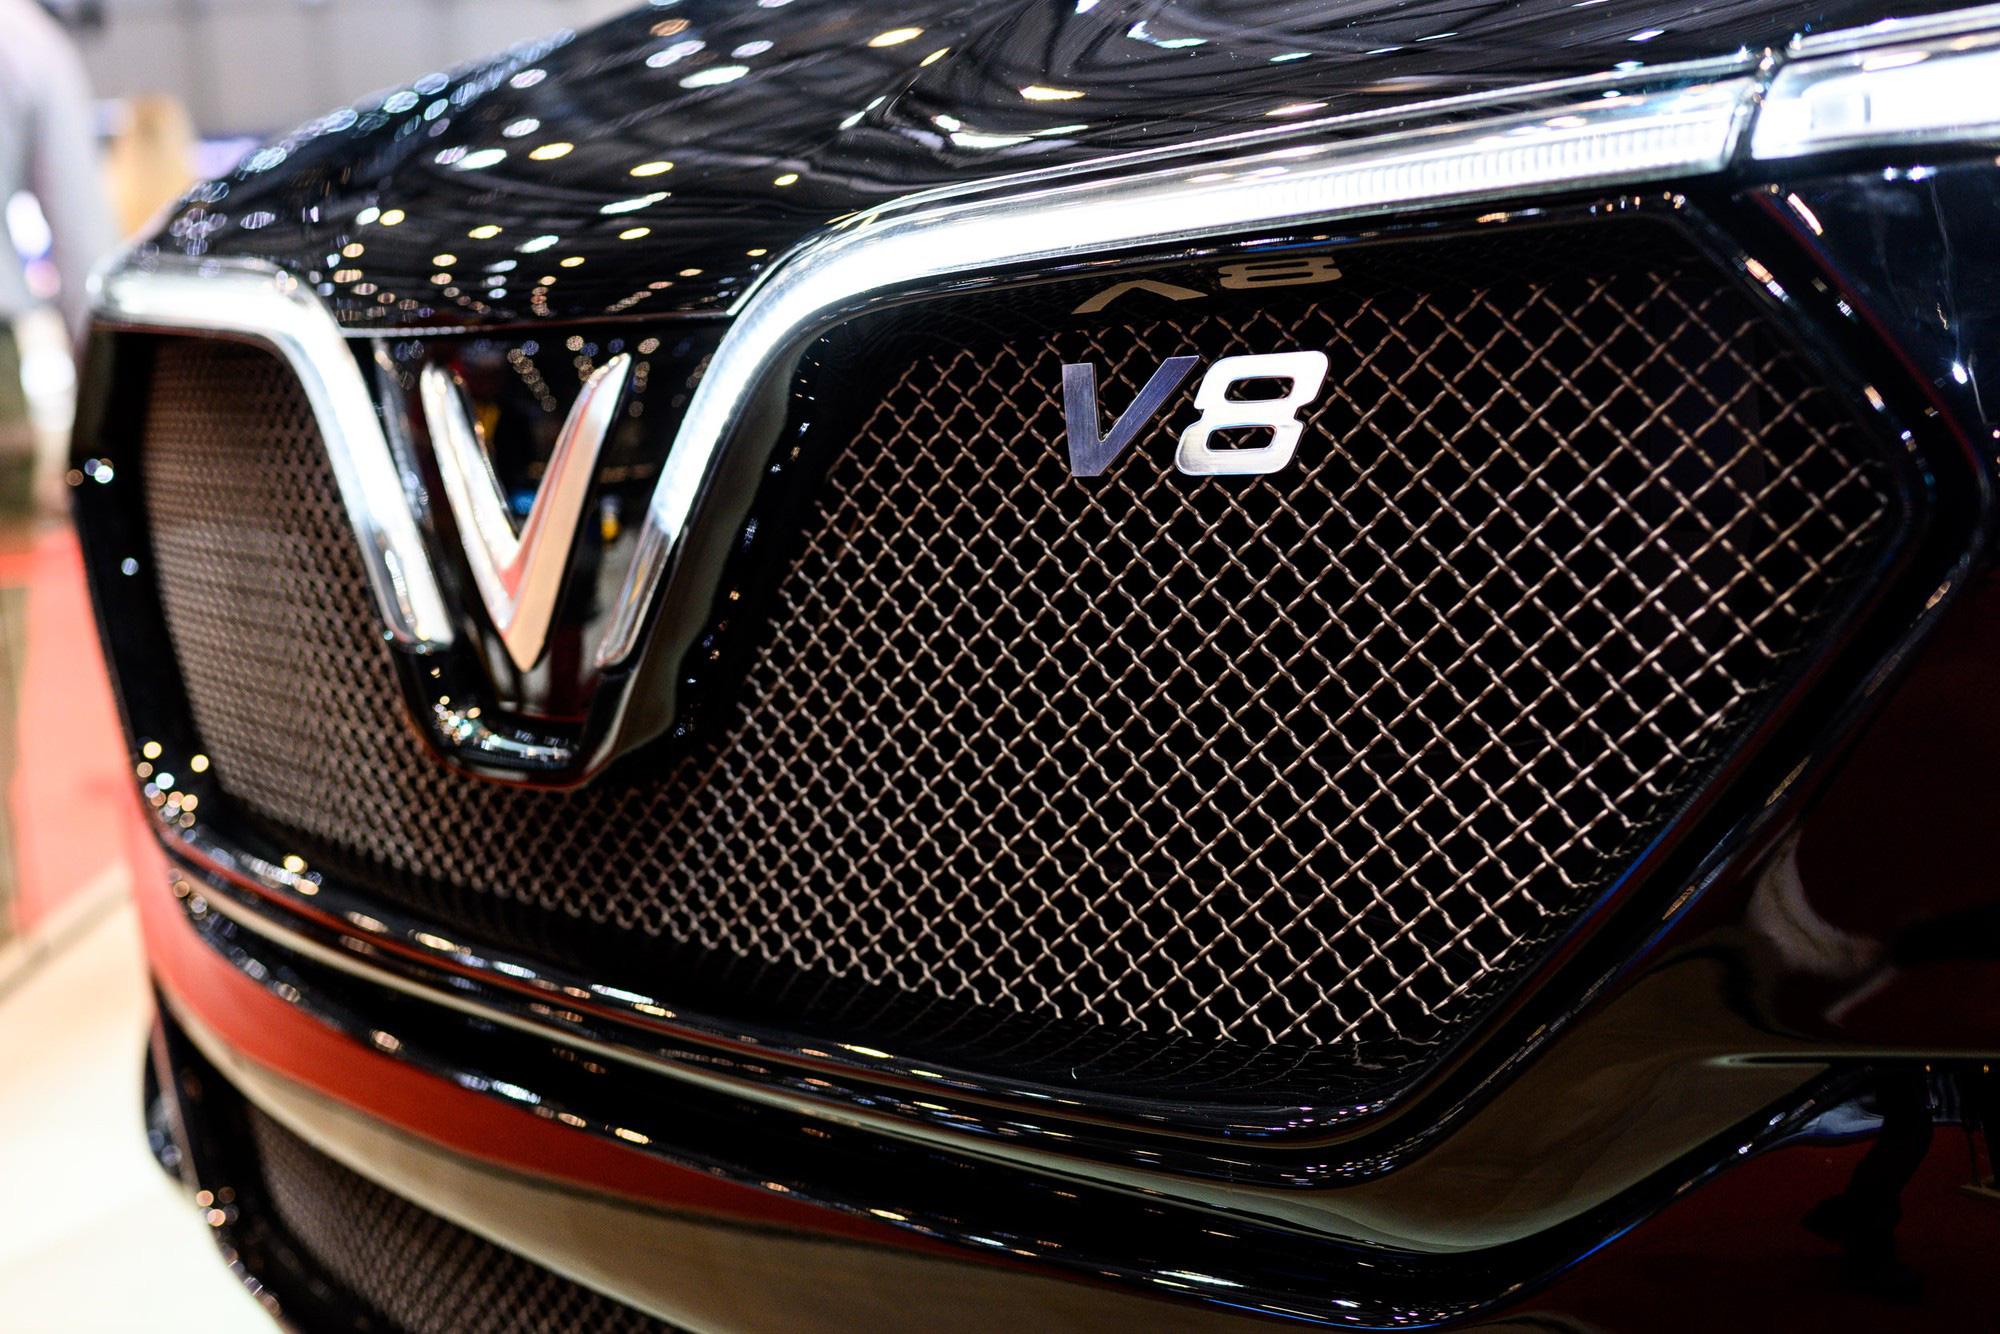 Năm 2020, bên cạnh việc ra mắt ô tô VinFast Lux V8, Vingroup muốn sản xuất điện thoại 5G và tung thương hiệu khách sạn 3 sao VinHoliday - Ảnh 1.